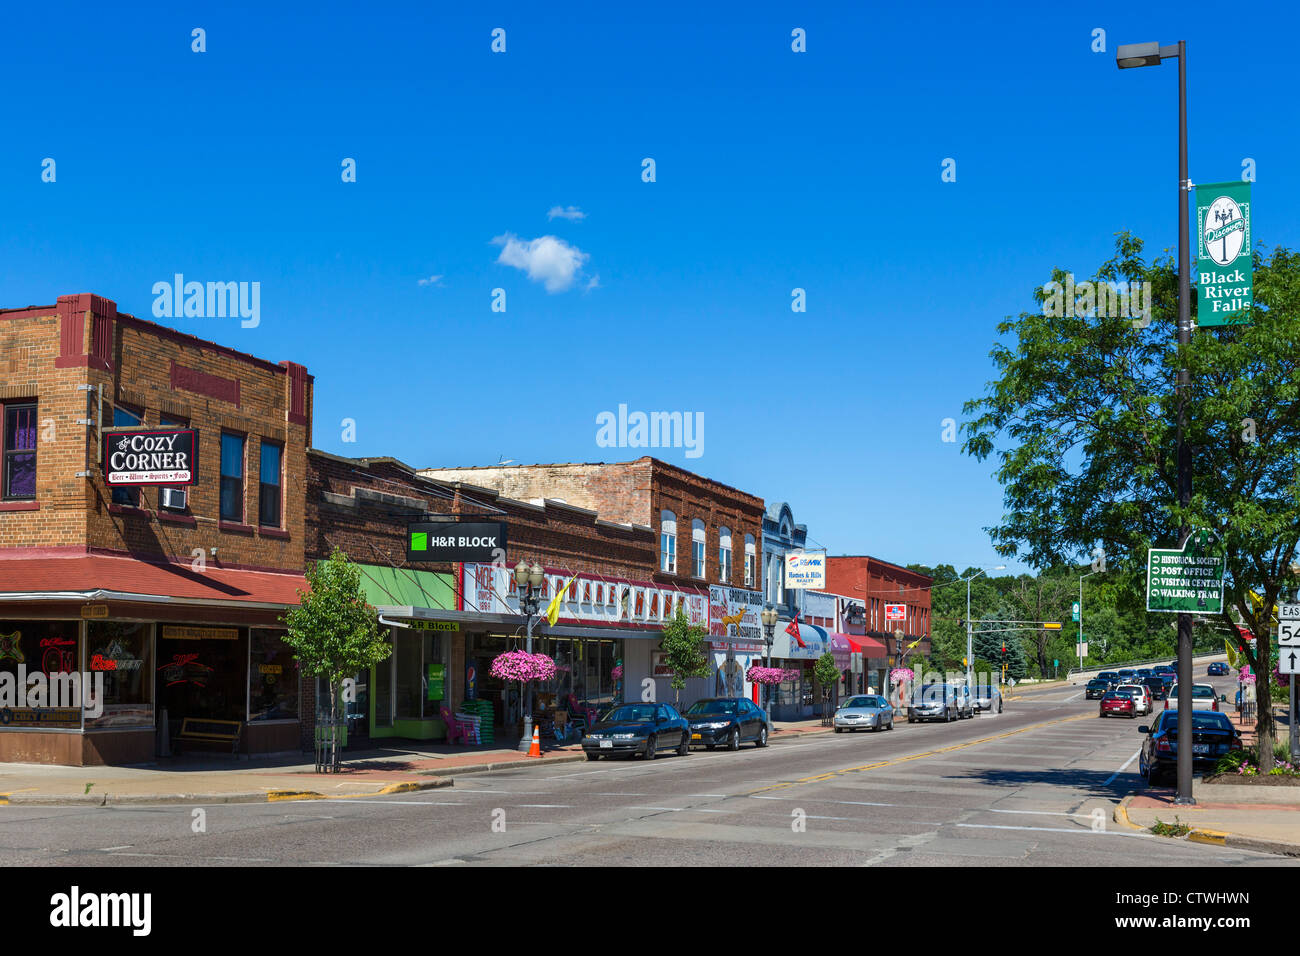 Tradizionale strada principale in una piccola cittadina statunitense, Black River Falls, Wisconsin, STATI UNITI Immagini Stock